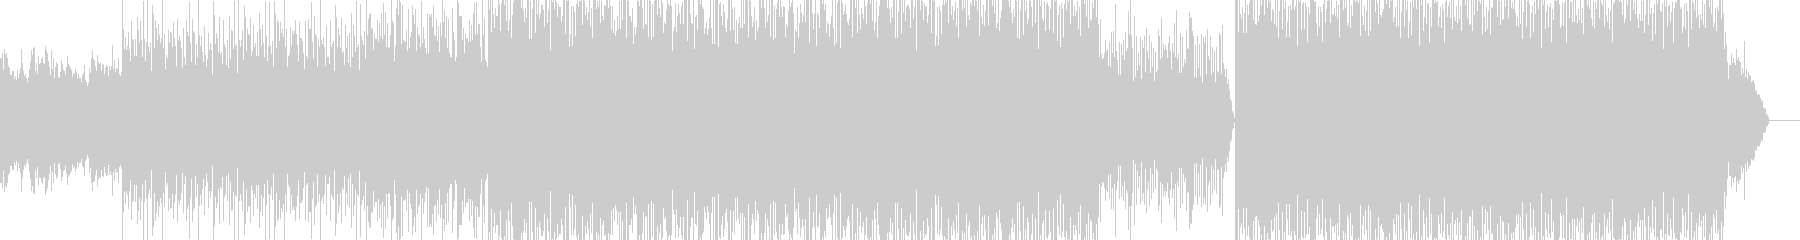 コマーシャル用の音楽。ポップレゲエ...の未再生の波形